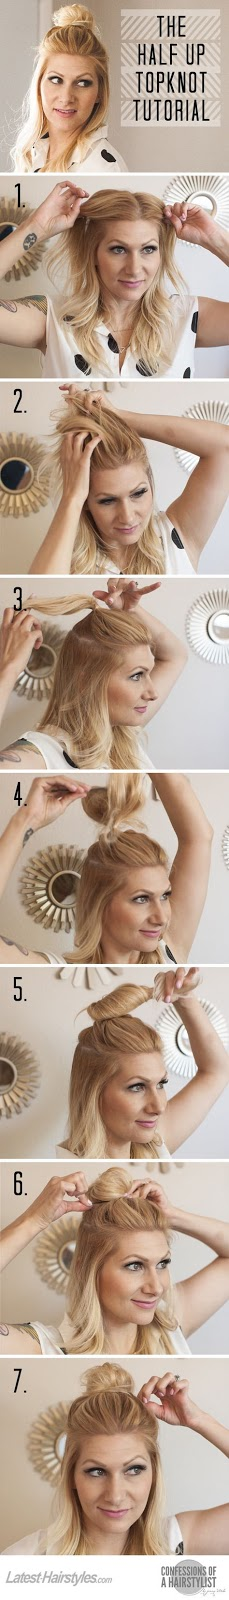 Tendencia de moda en los peinados | Tutoriales para peinados medio recogido